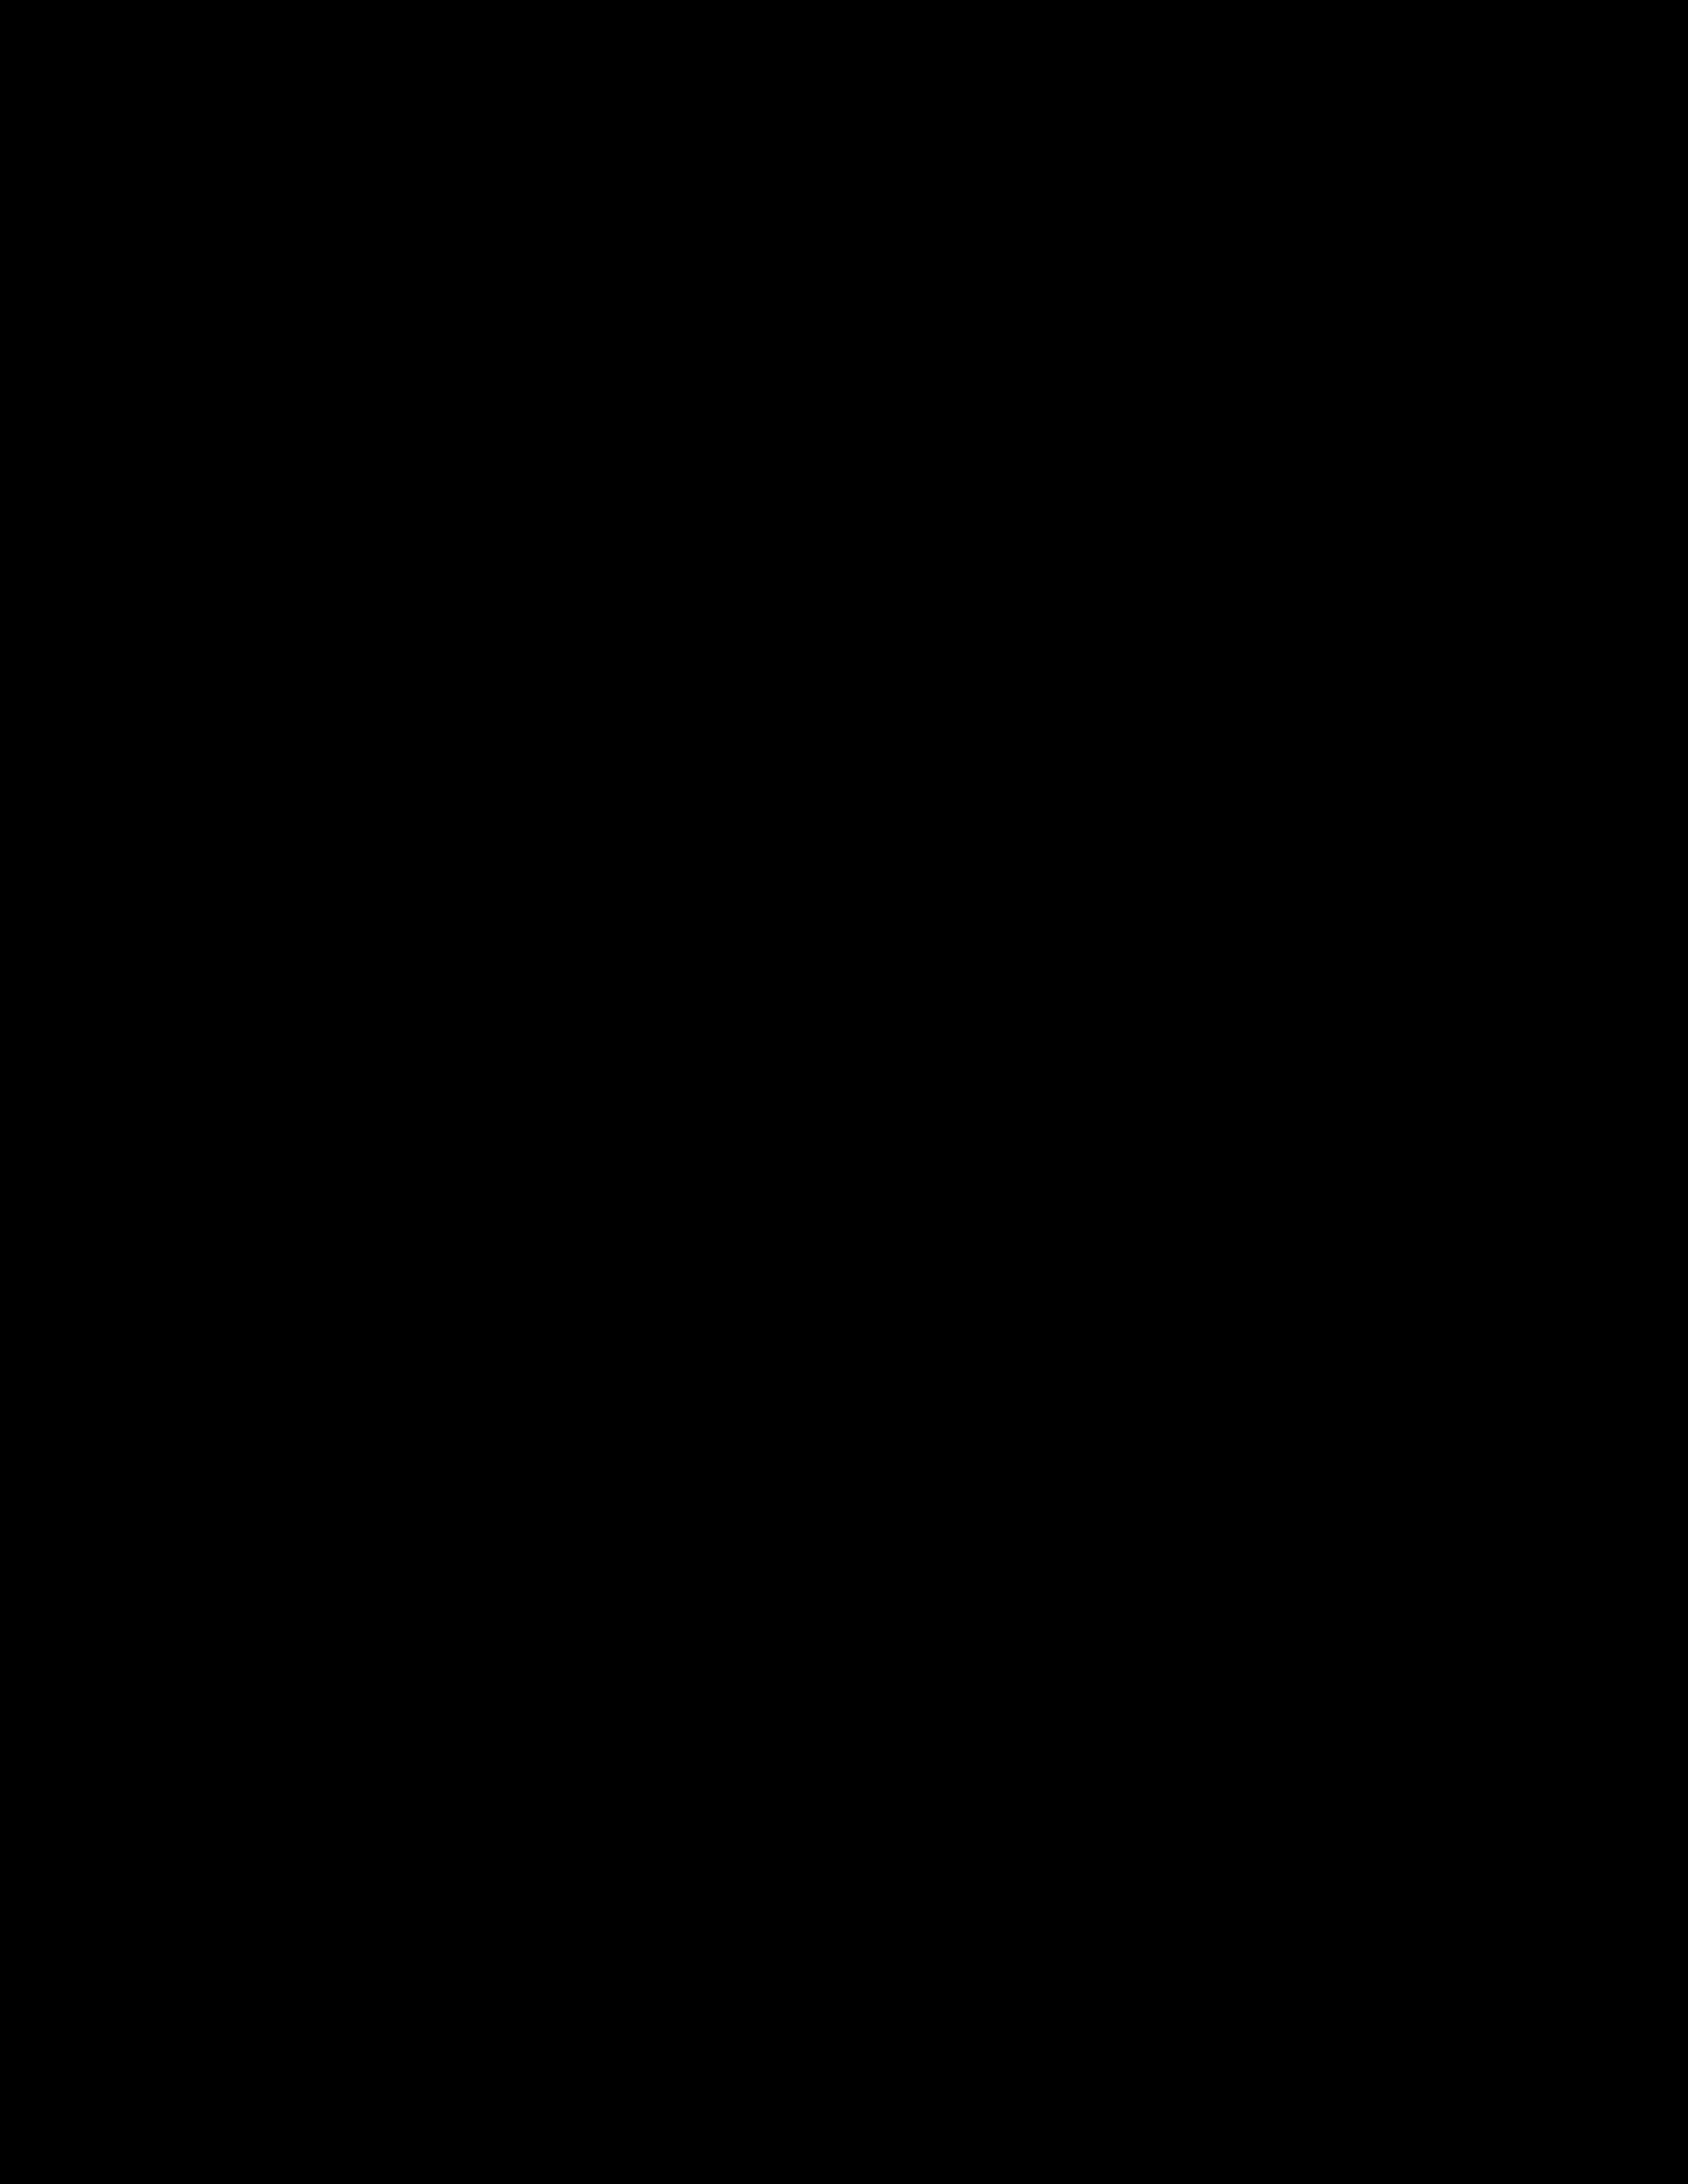 KidZania Delhi NCR Calendar (Oct-21)